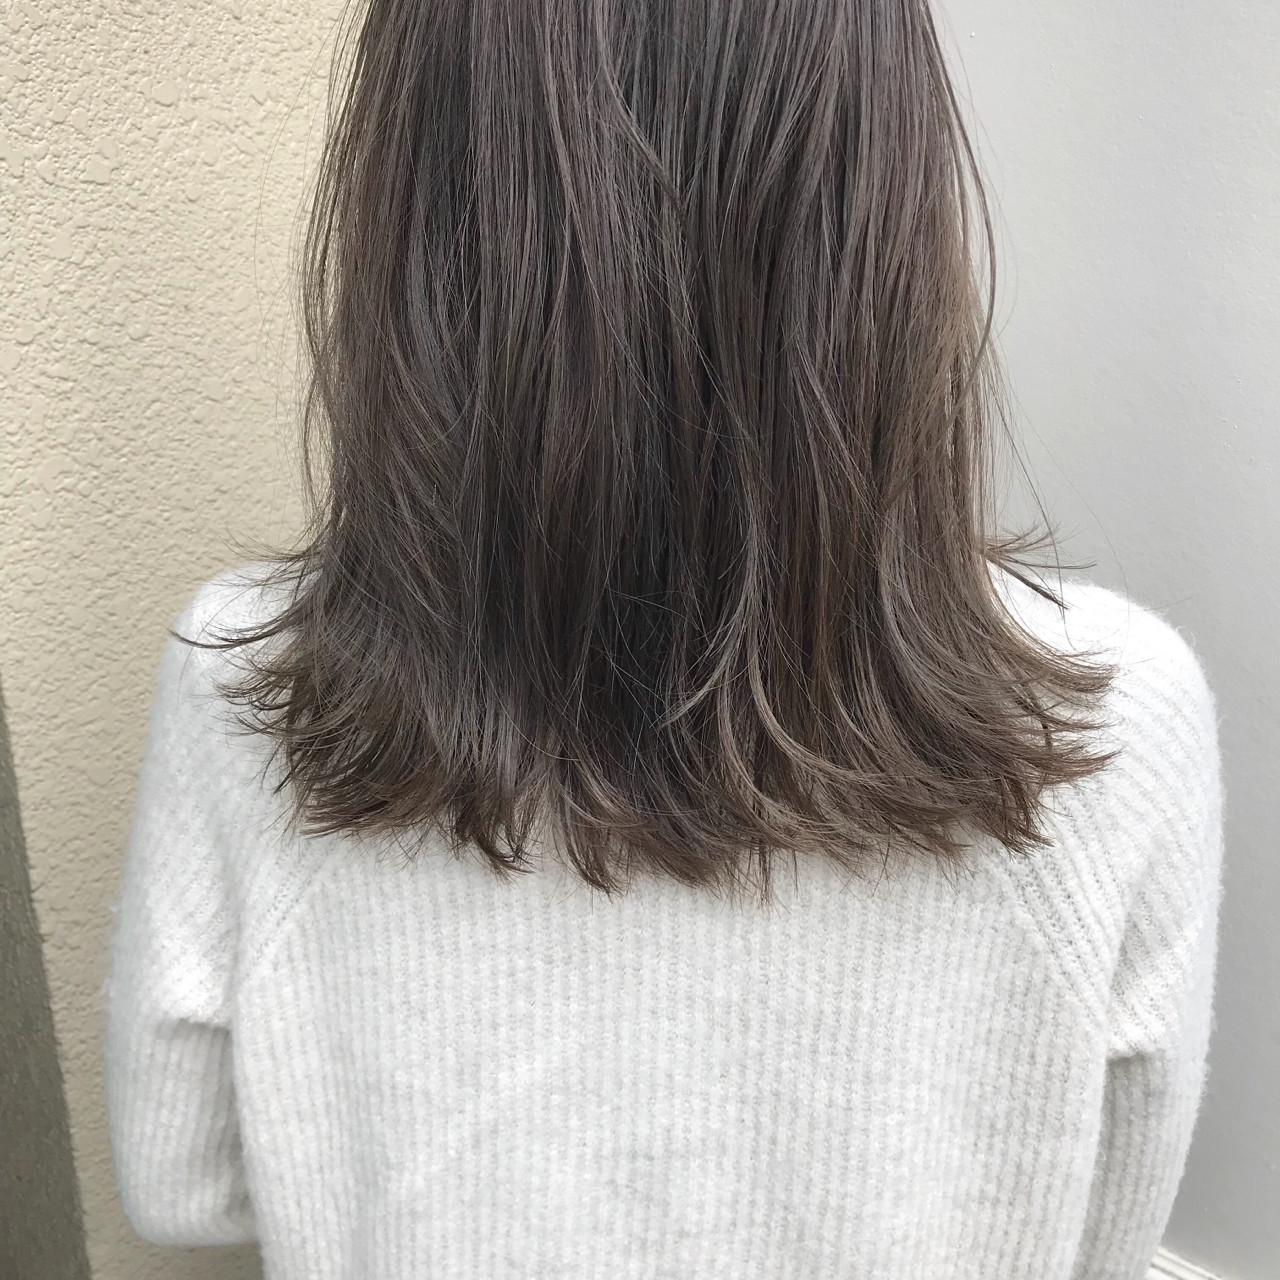 ミディアム ナチュラル 外ハネ 切りっぱなし ヘアスタイルや髪型の写真・画像 | KENTO.NOESALON / NOE SALON